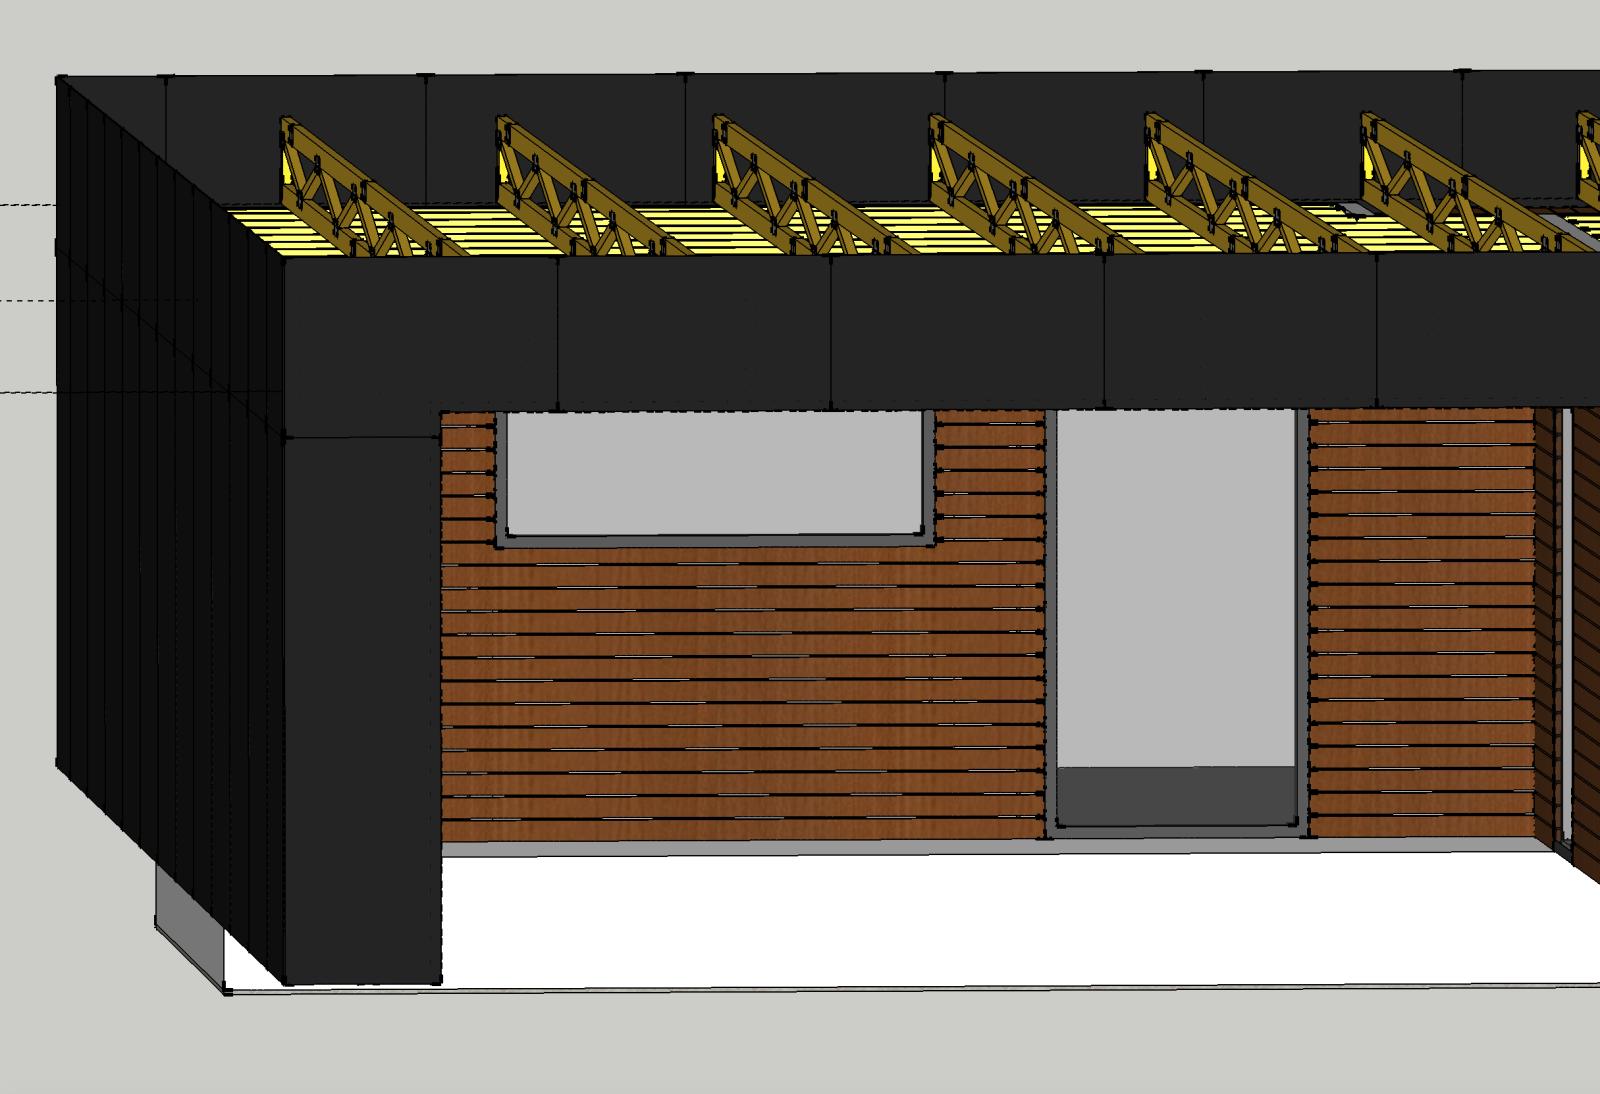 Tagkonstruktion - Fladt tag 1:40 - Dimensionering m.m.